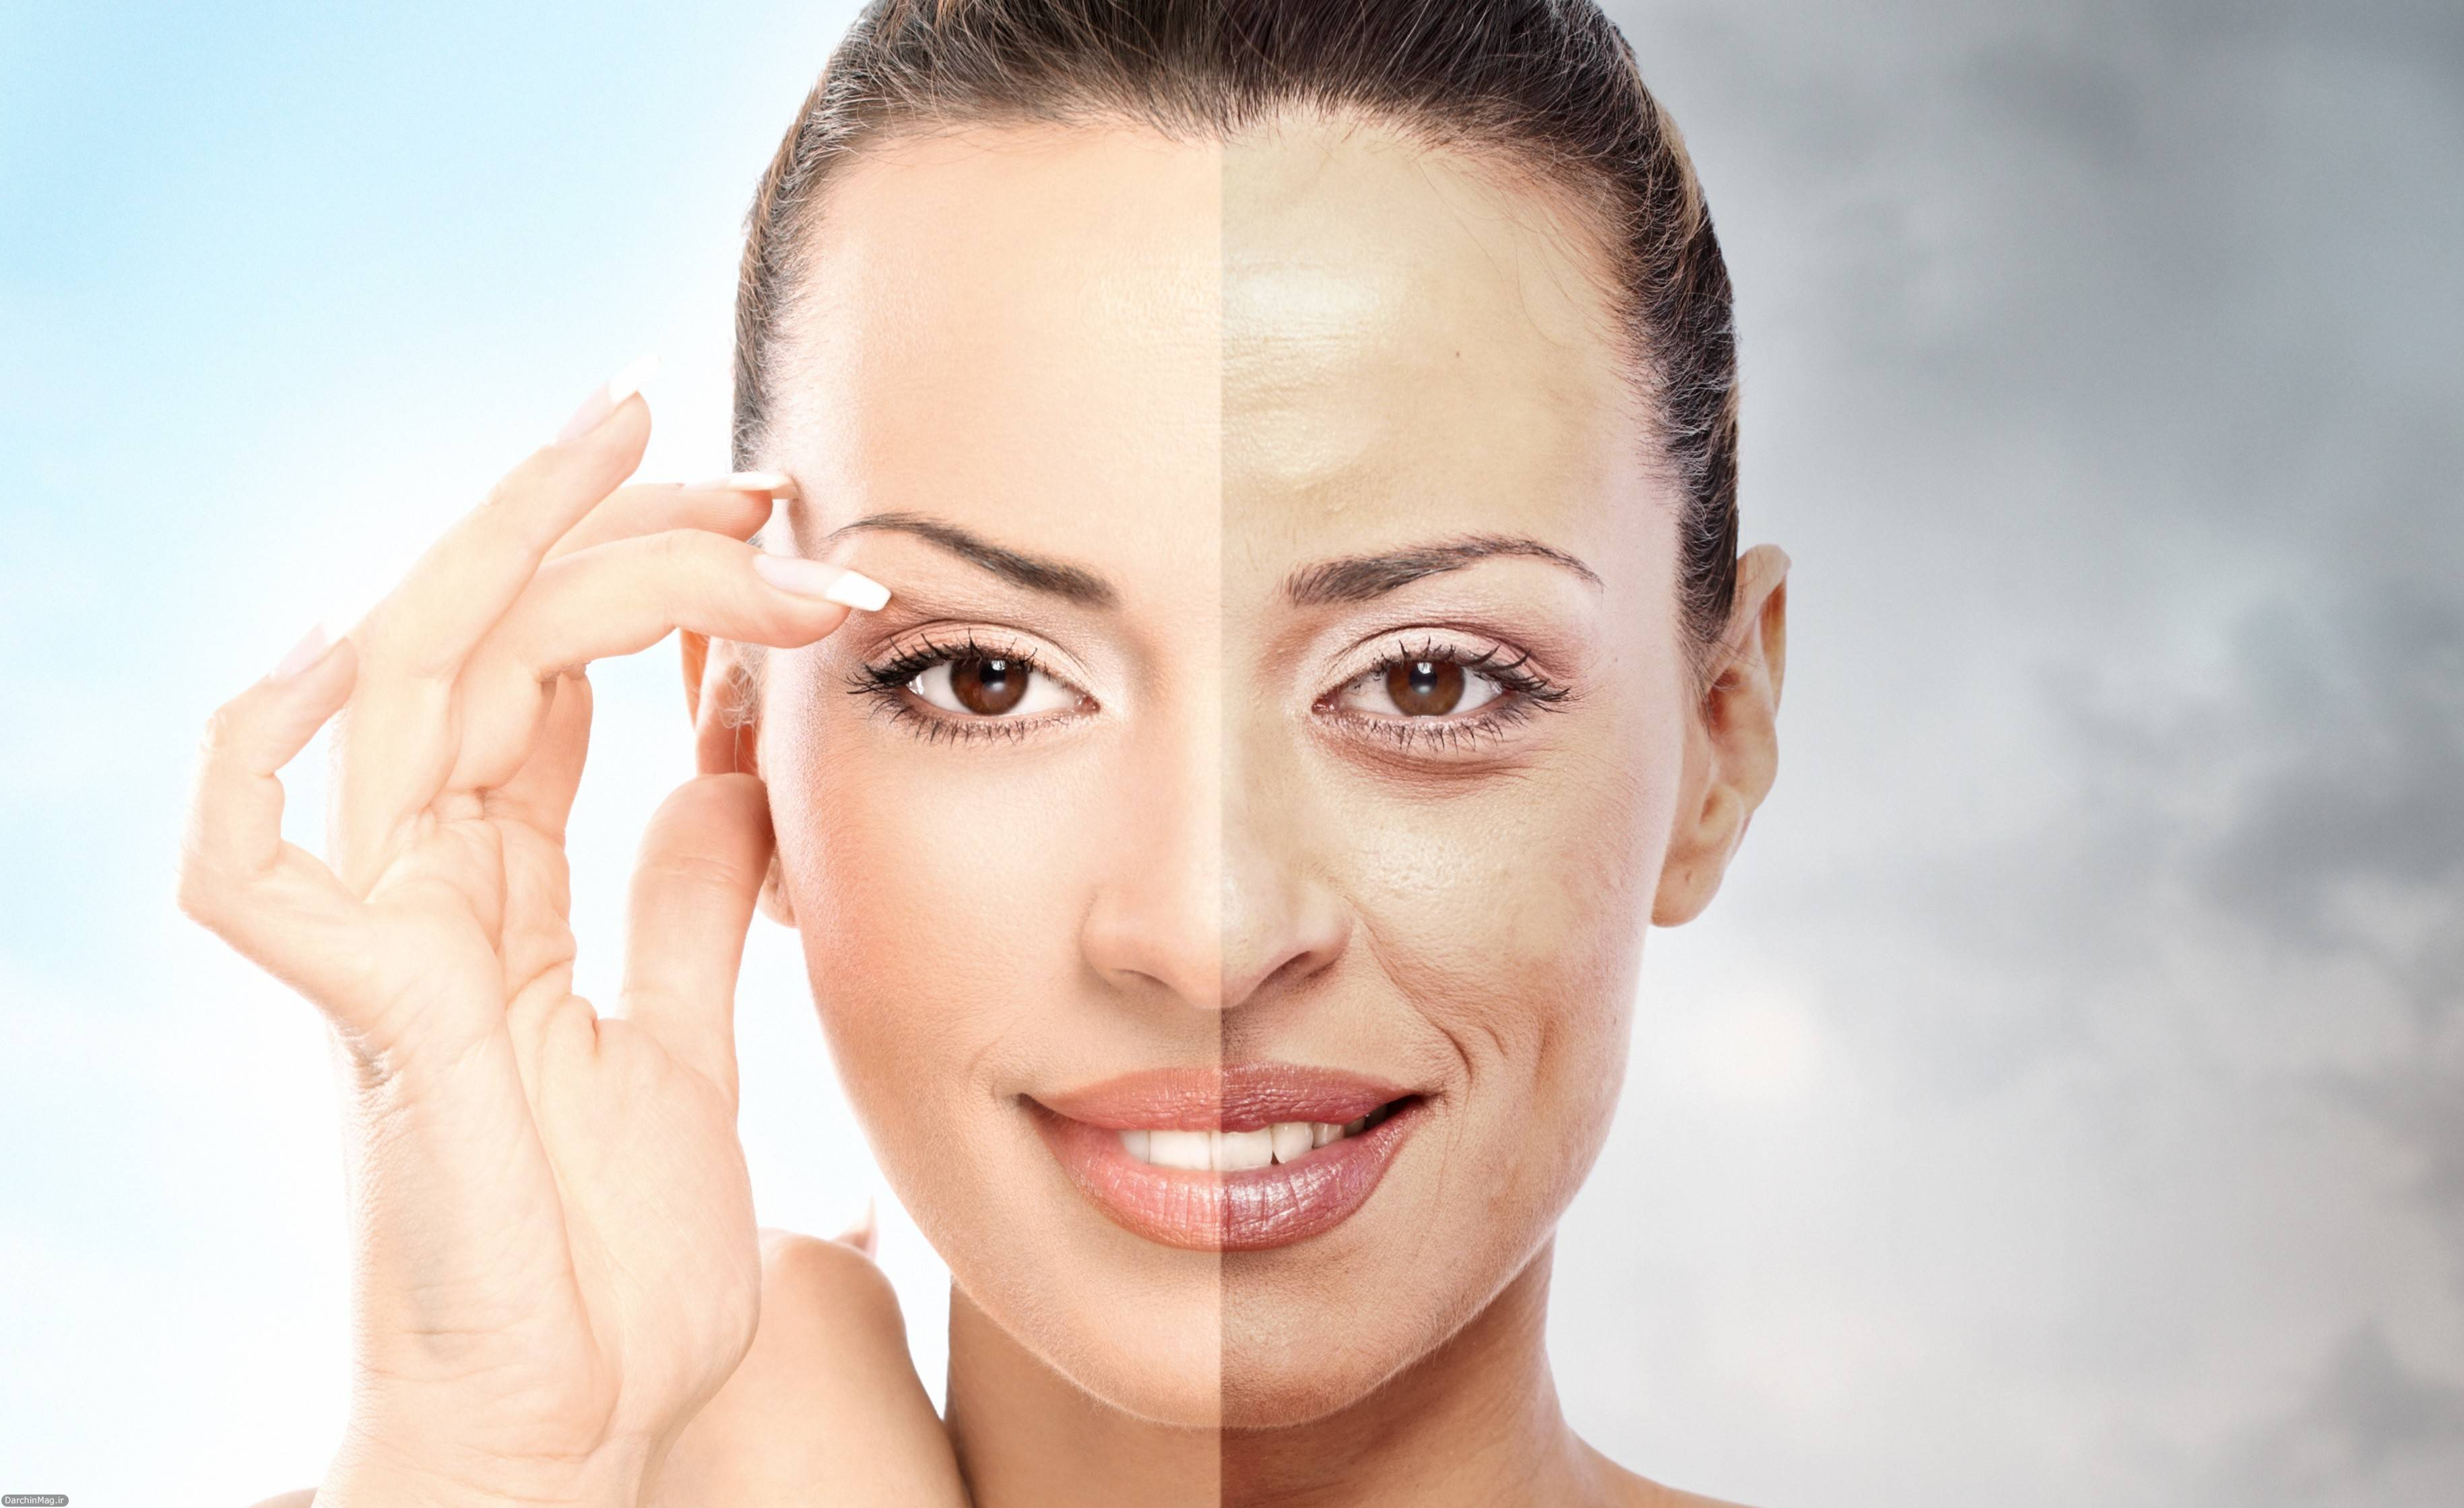 چگونه می توانیم از خشکی پوست صورت جلوگیری کنیم؟